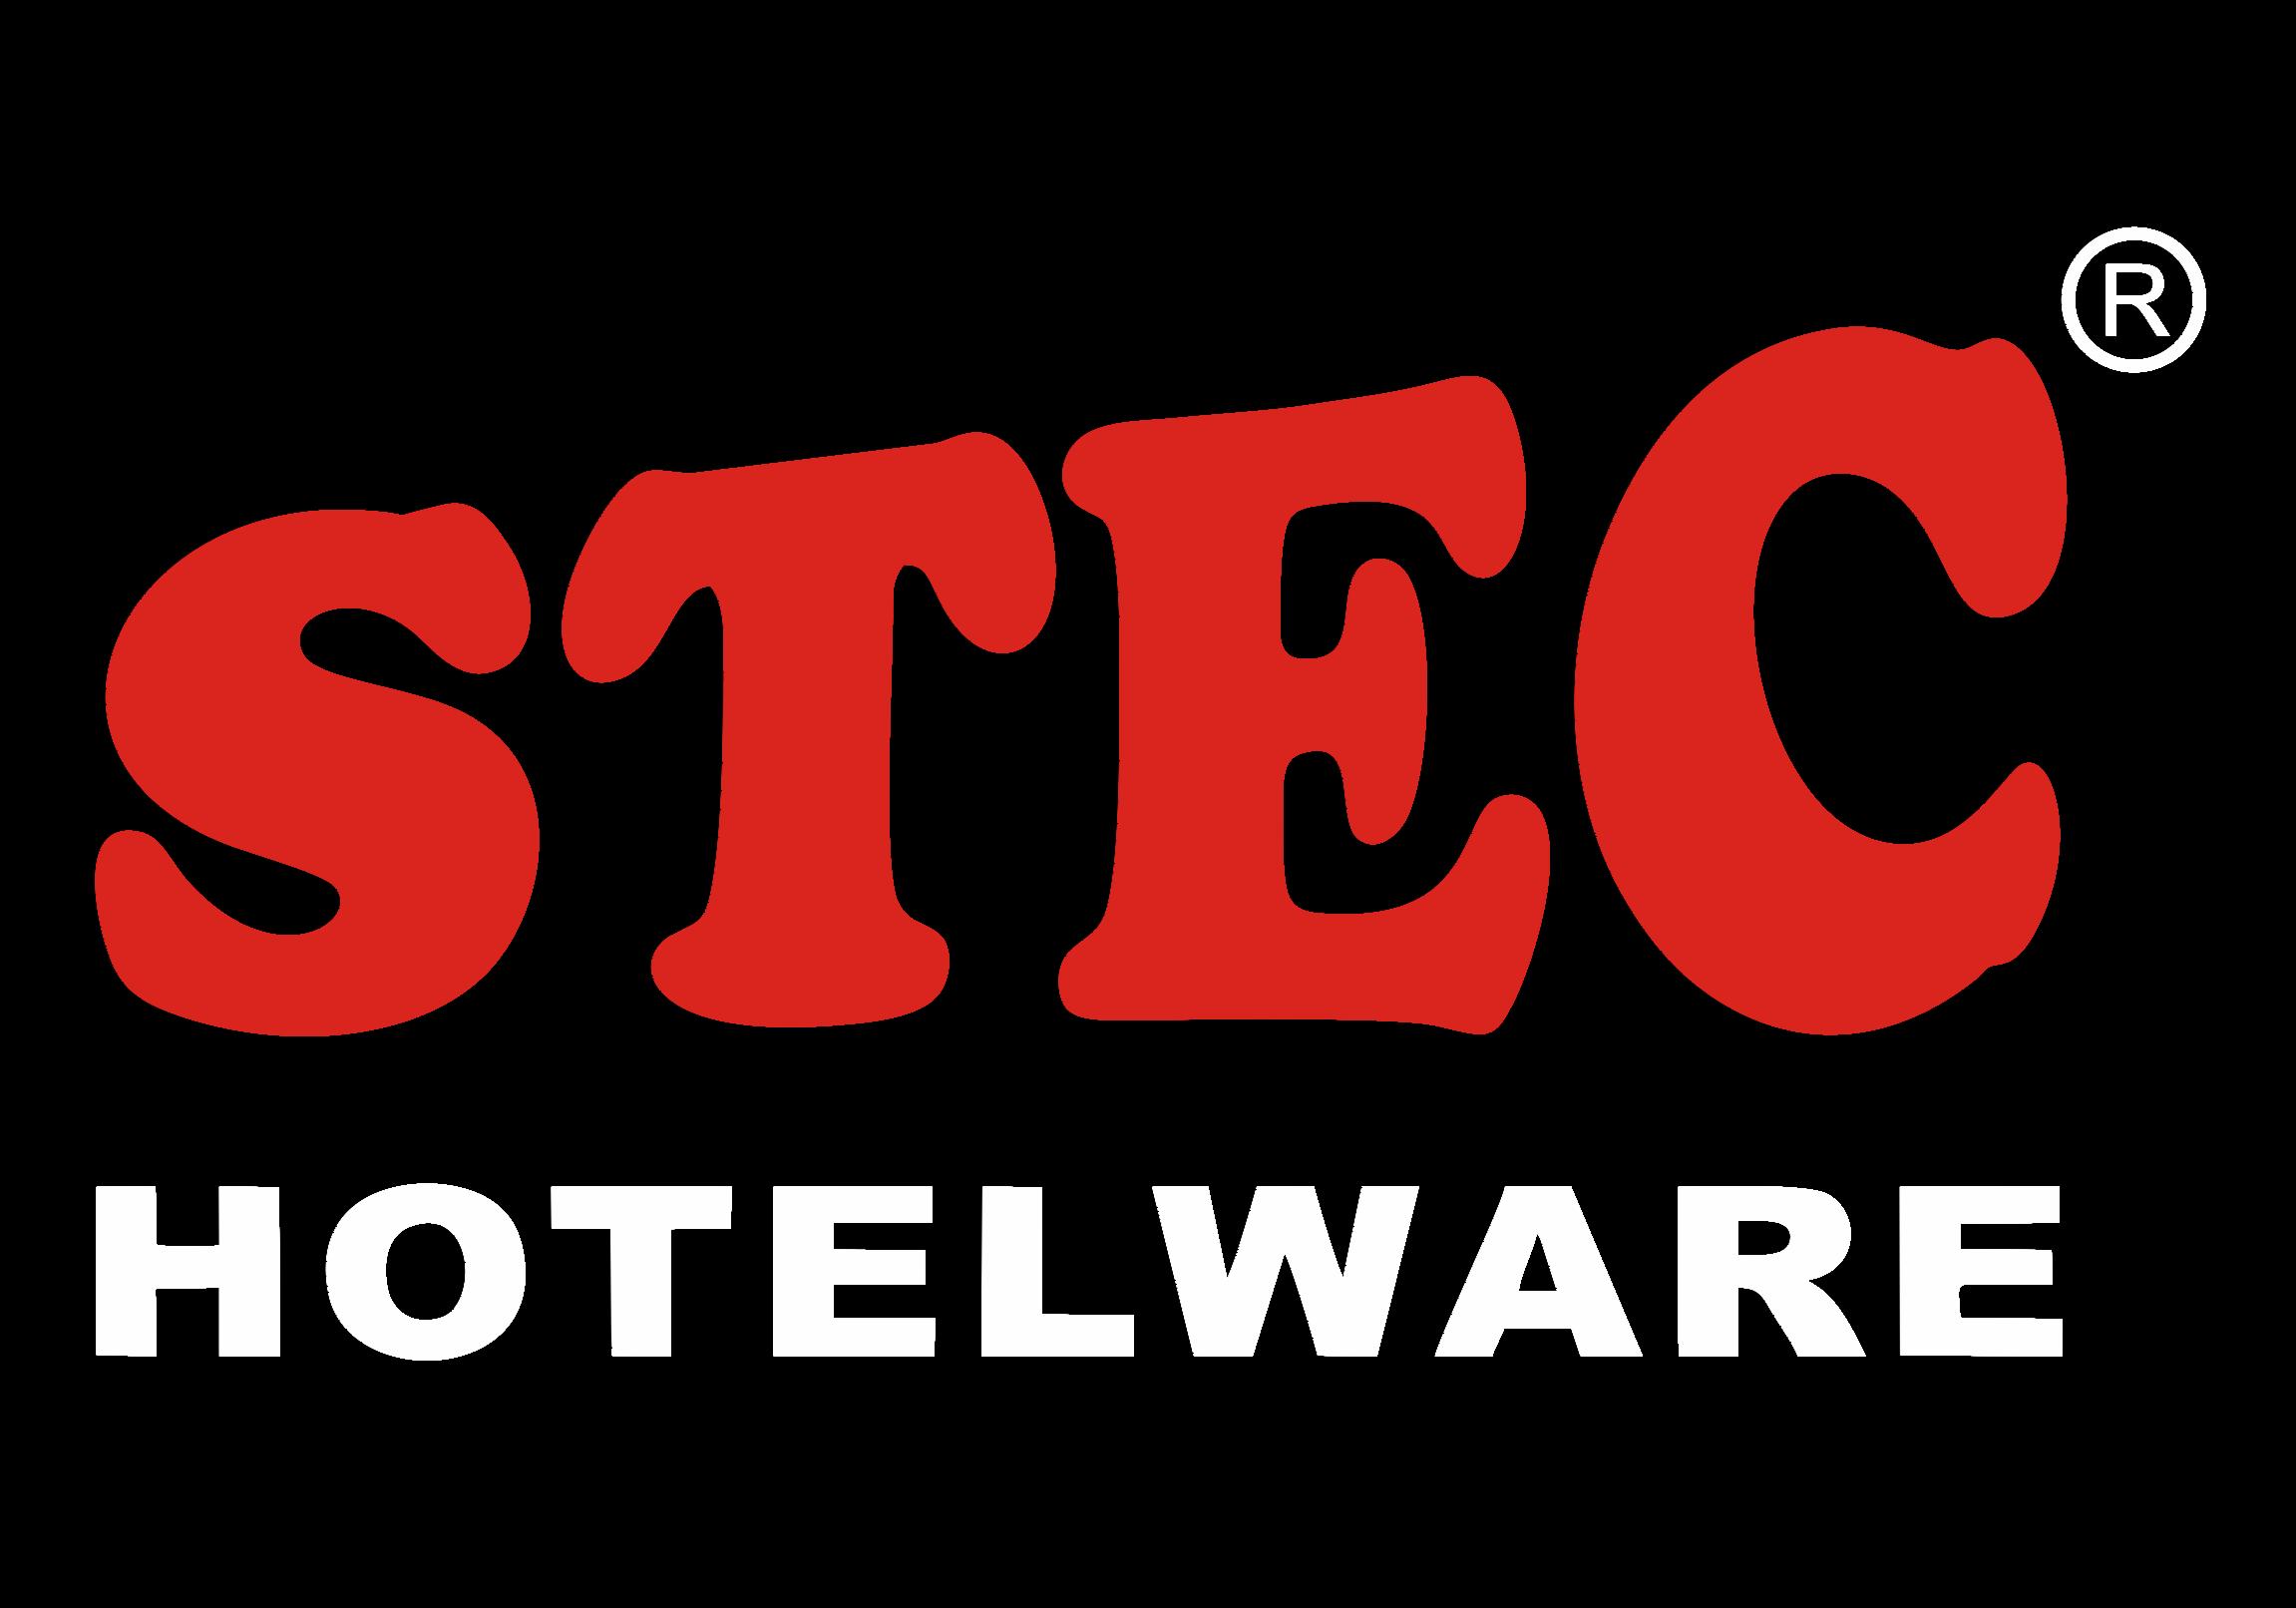 STEC Hotelwares